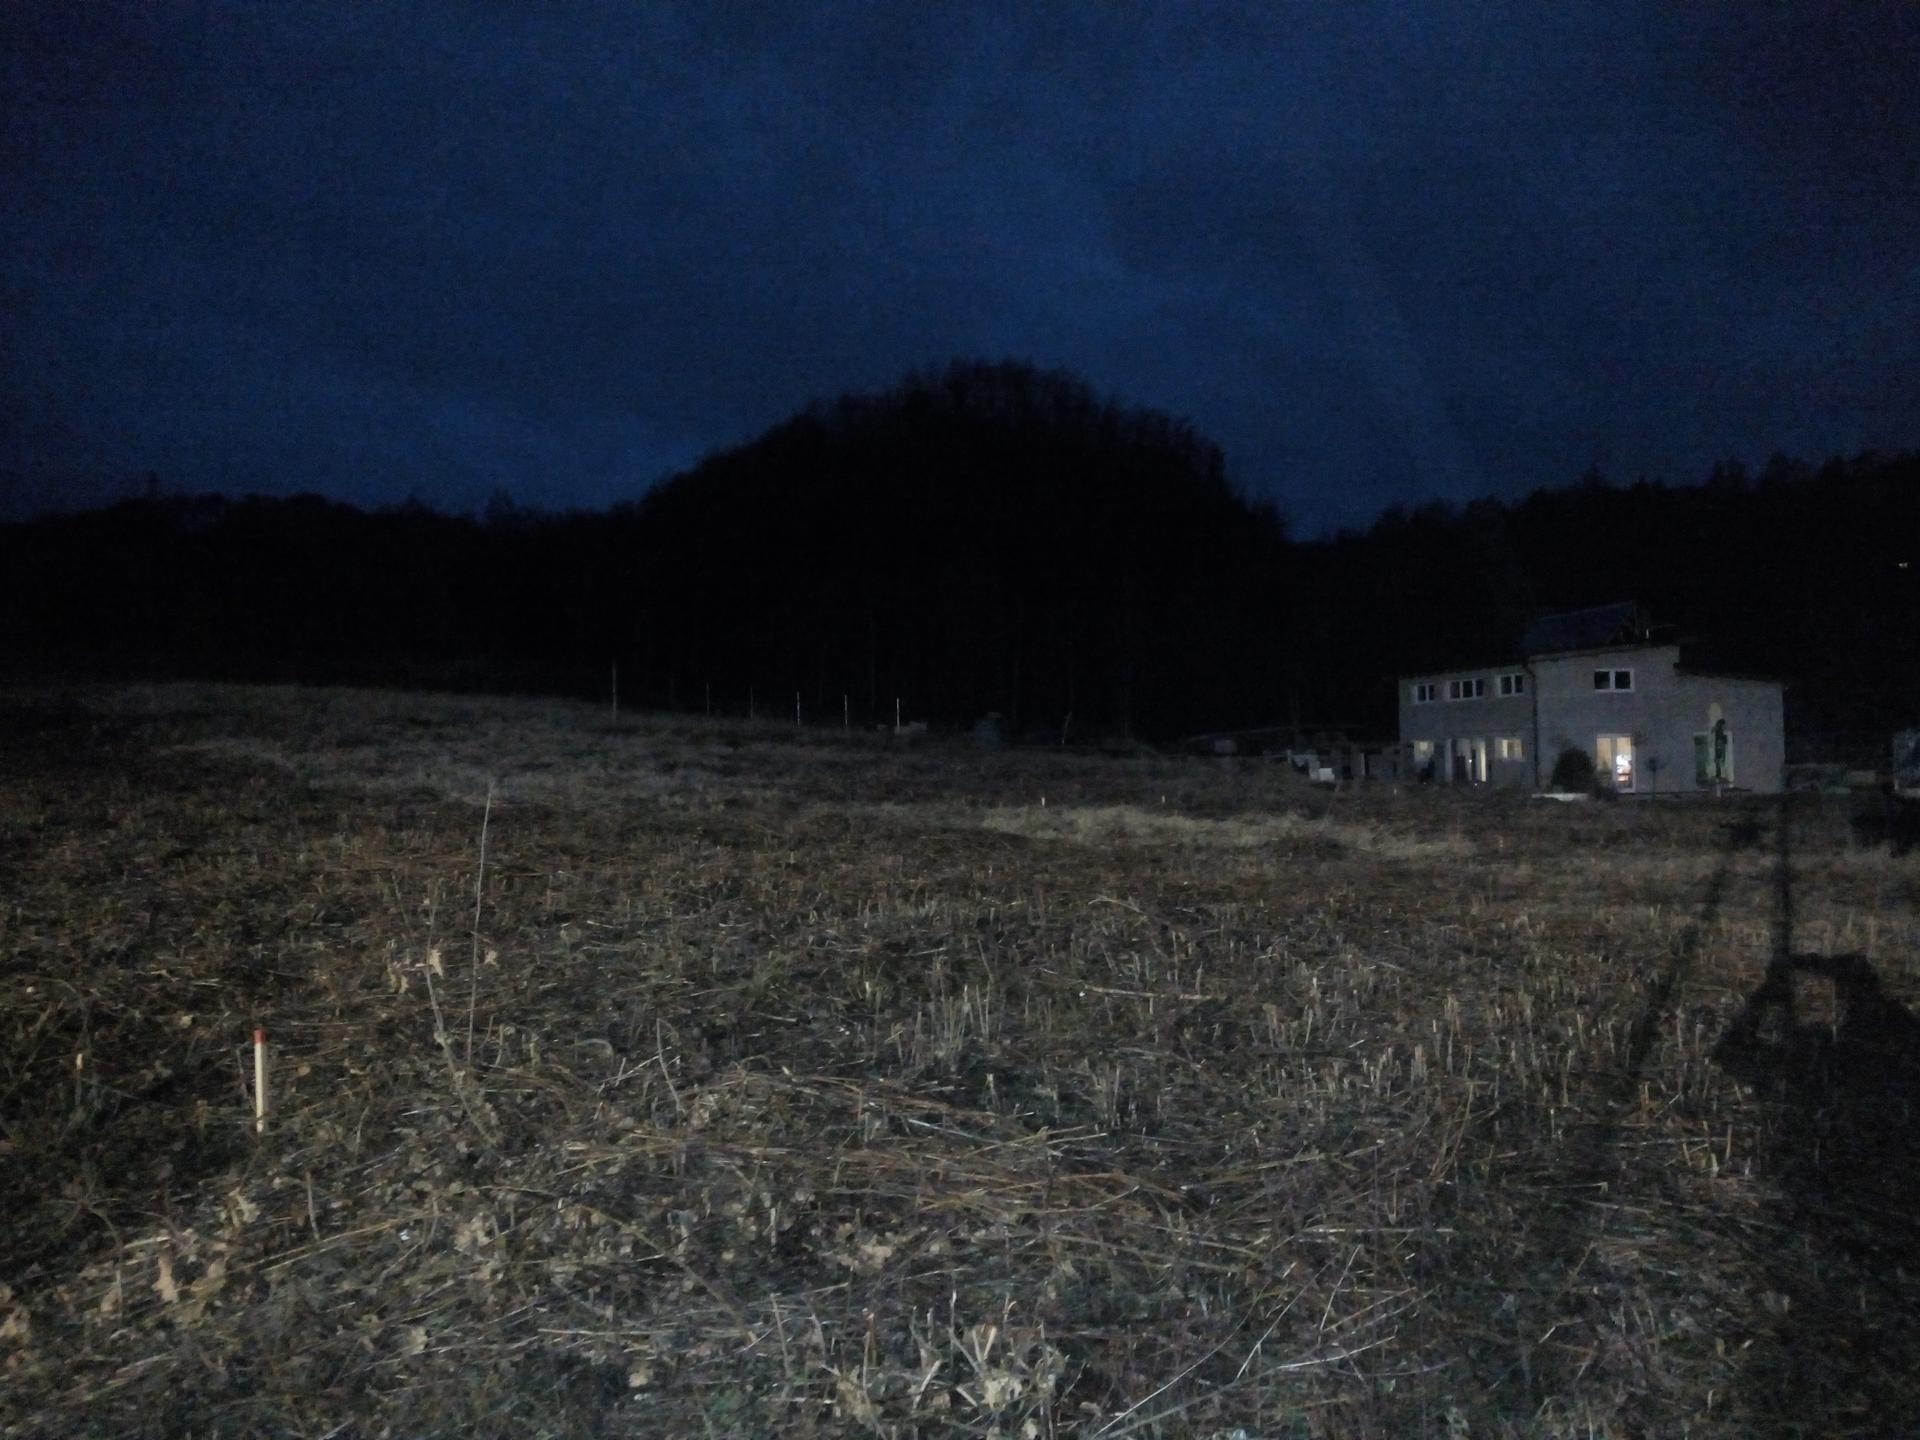 Příprava pozemku, bednění, základy, opěrka, bouda, plot - Obrázek č. 62